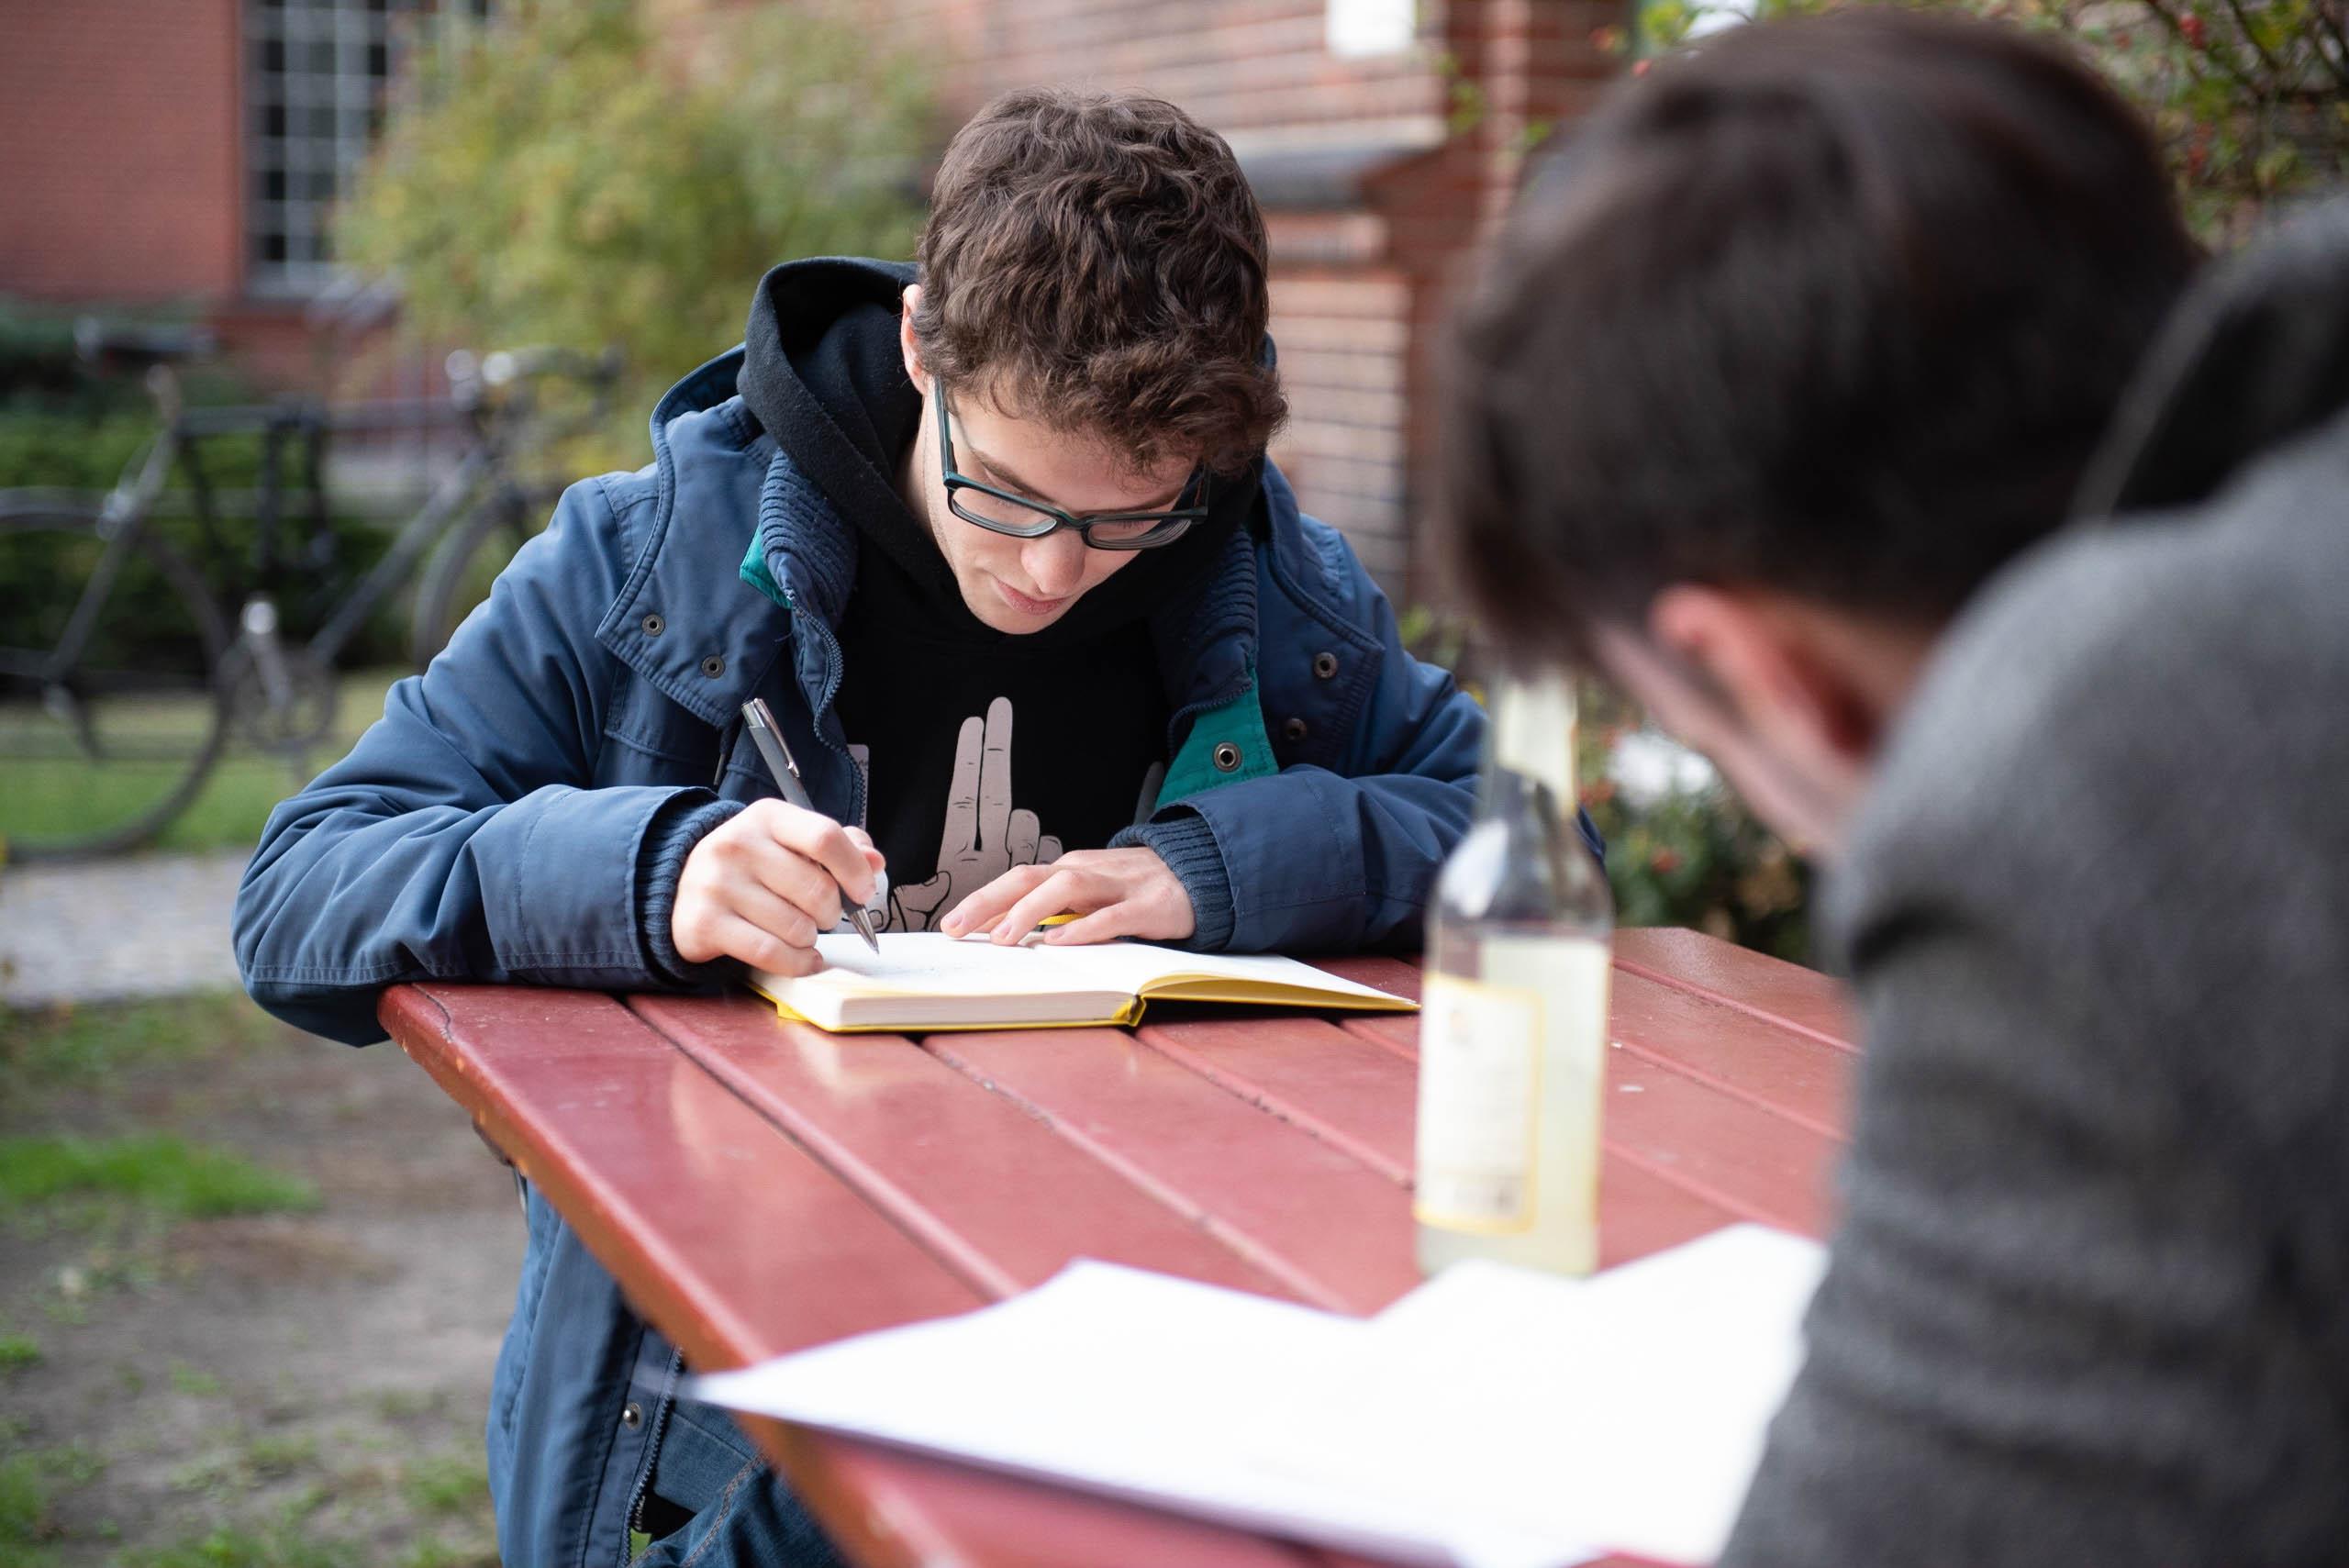 Auf dem Bild sieht man zwei Personen, die an einem Tisch sitzen und etwas aufschreiben. .© Servicestelle Jugendbeteiligung e.V., 2018